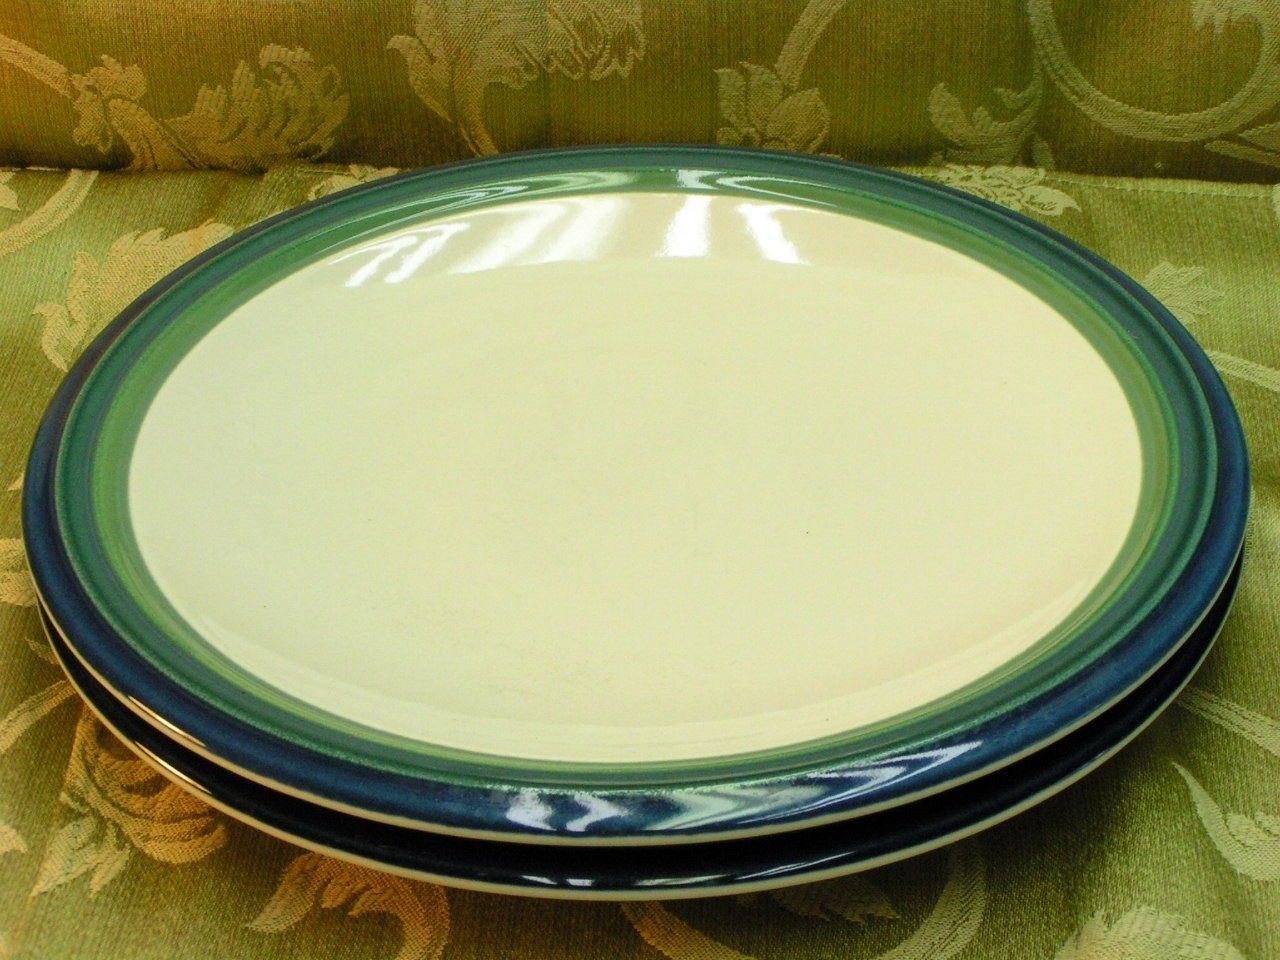 Ocean Breeze Pfaltzgraff LOT 2 DINNER PLATES blue green - $41.13 & Pfaltzgraff Dinner Plates (1990s): 1 customer review and 3 listings